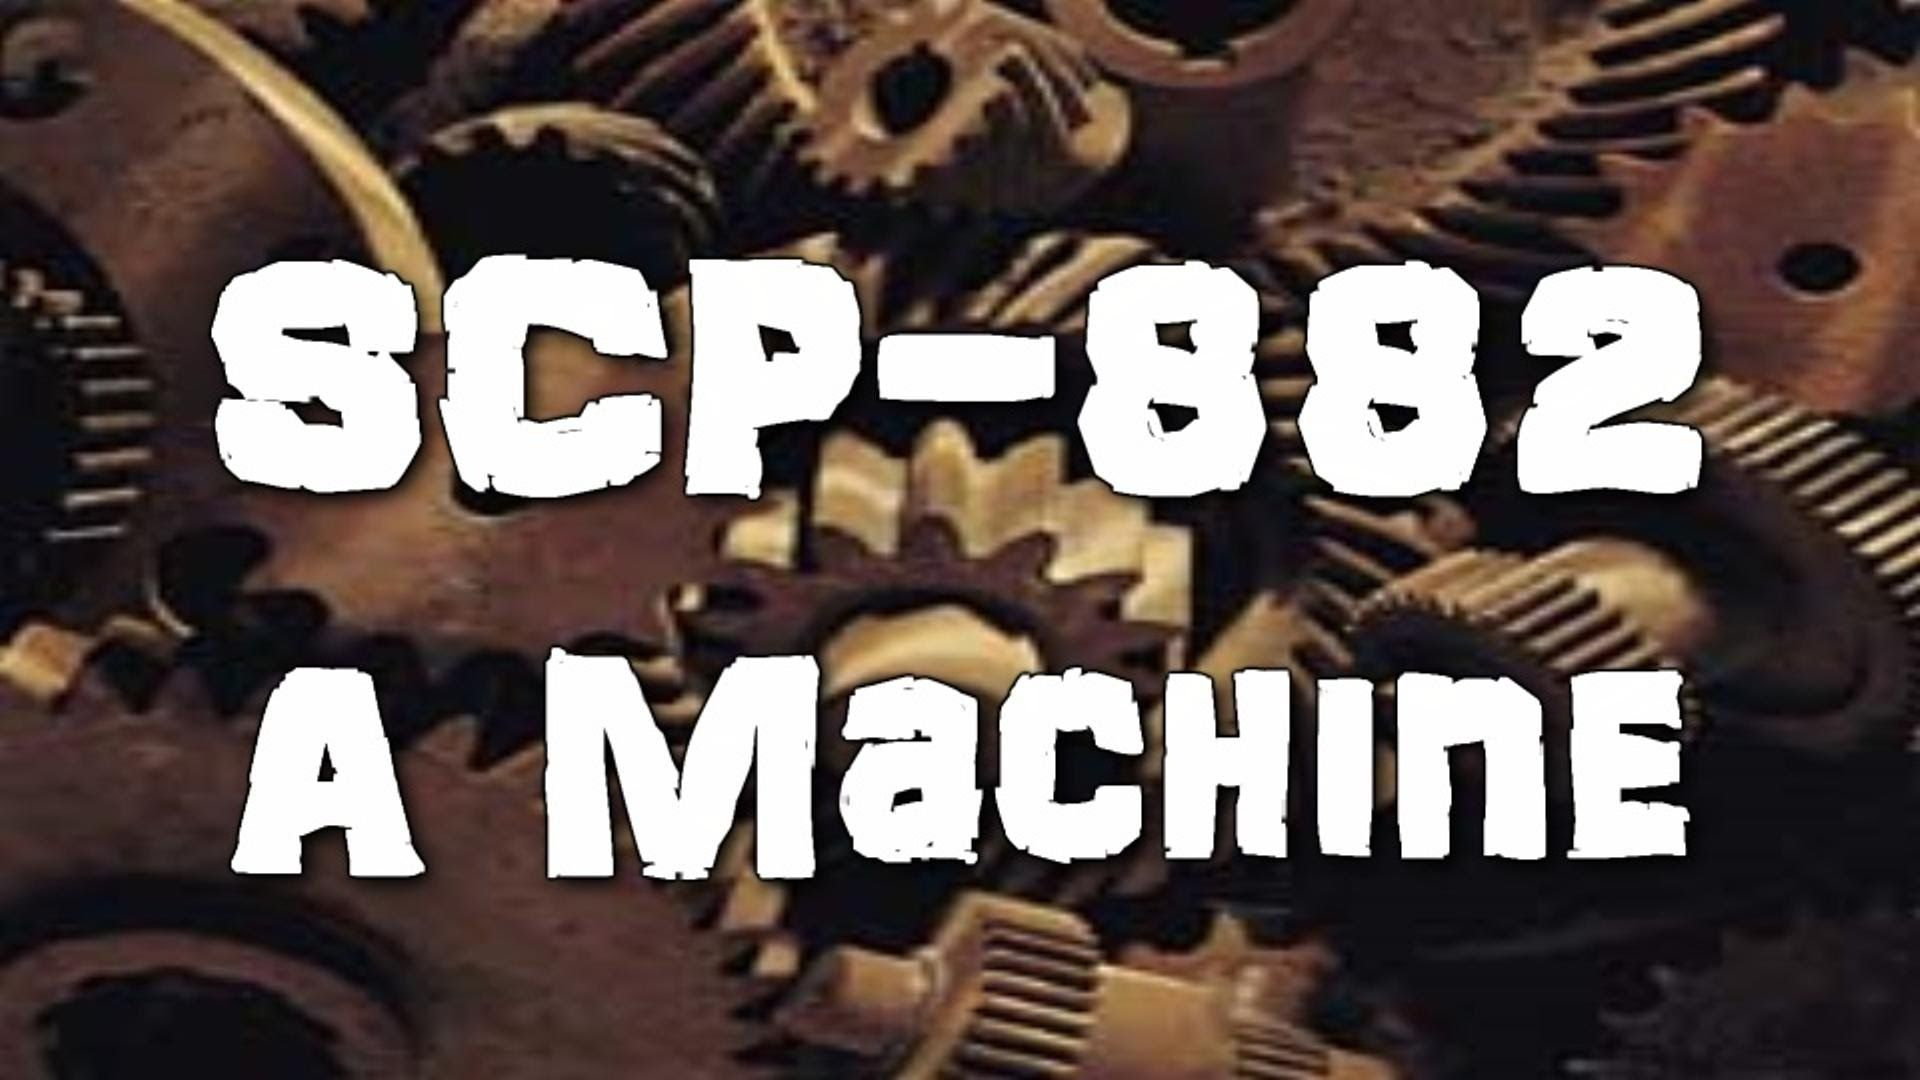 Scp 882 A Machine Object Class Euclidchurch Of The Broken God